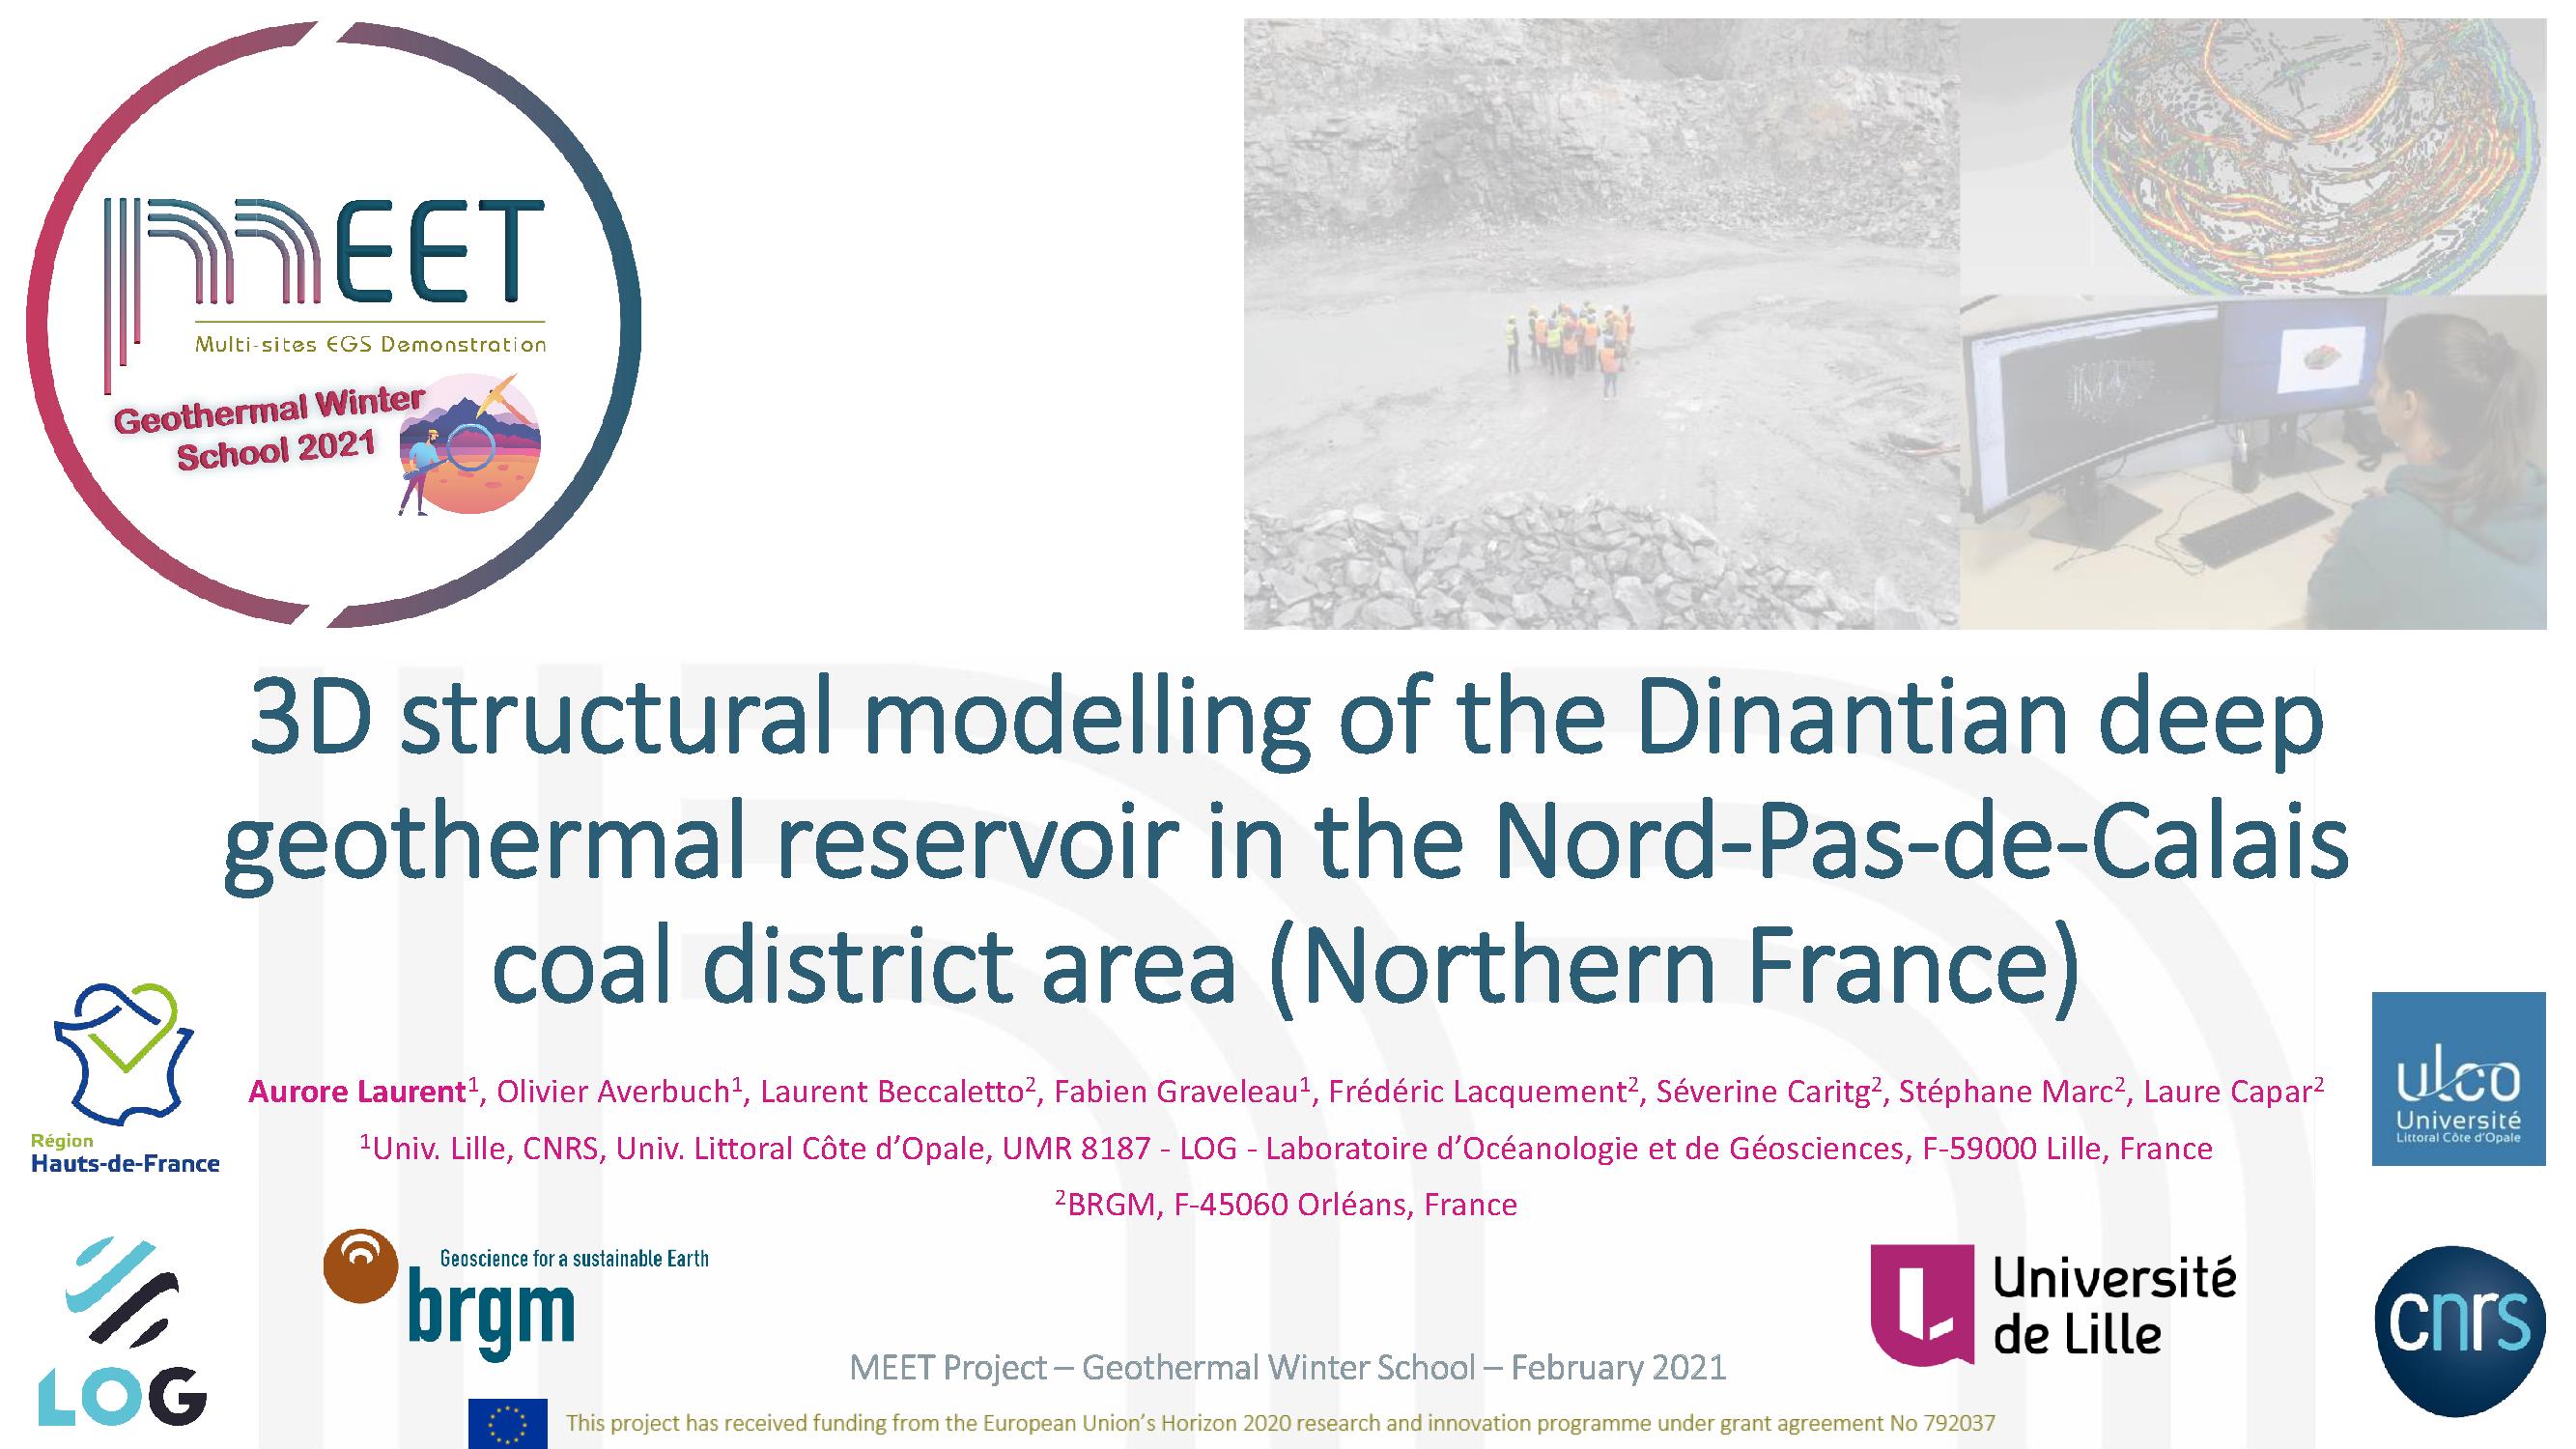 MEET Geothermal Winter School Aurore Laurent first slide visual